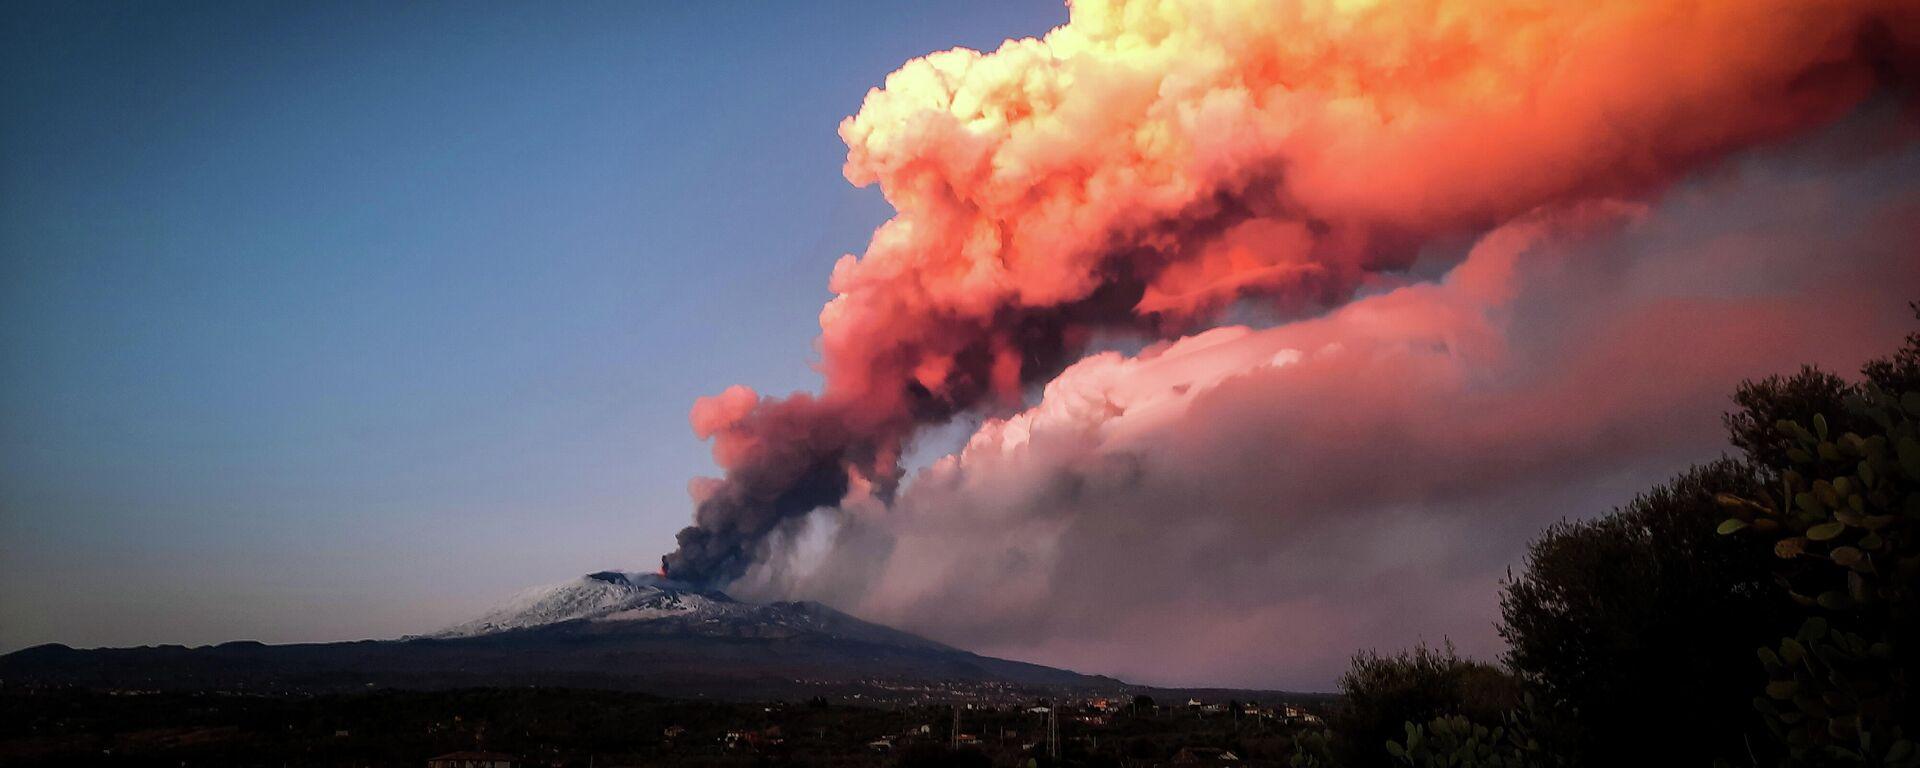 Volcán italiano Etna entra en erupción - Sputnik Mundo, 1920, 17.02.2021